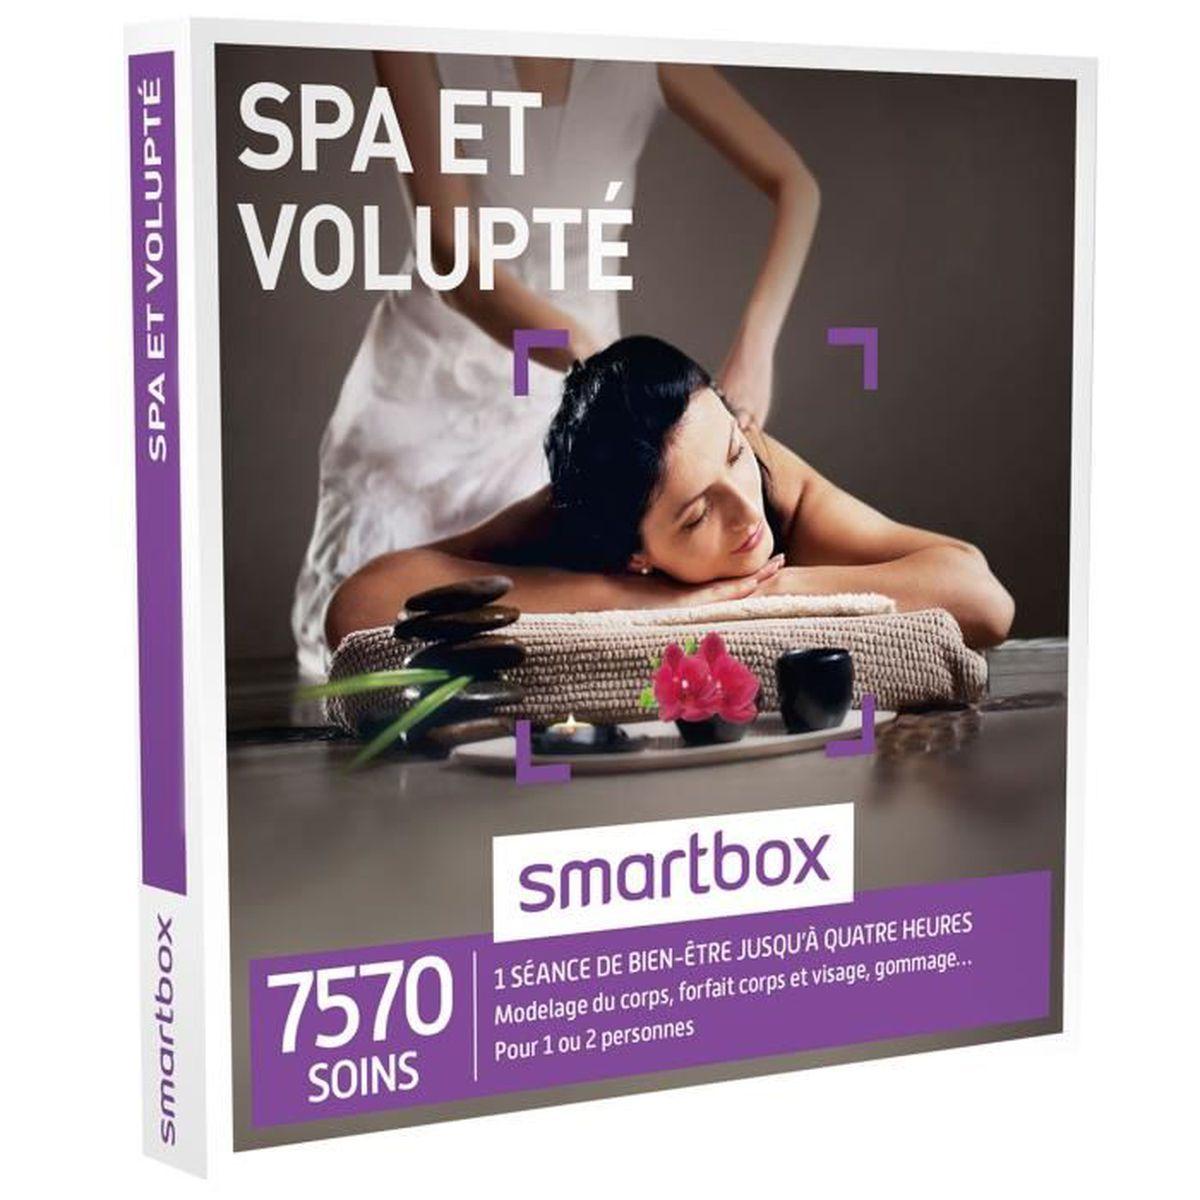 COFFRET BIEN-ÊTRE Coffret Cadeau - Spa et volupté - Smartbox